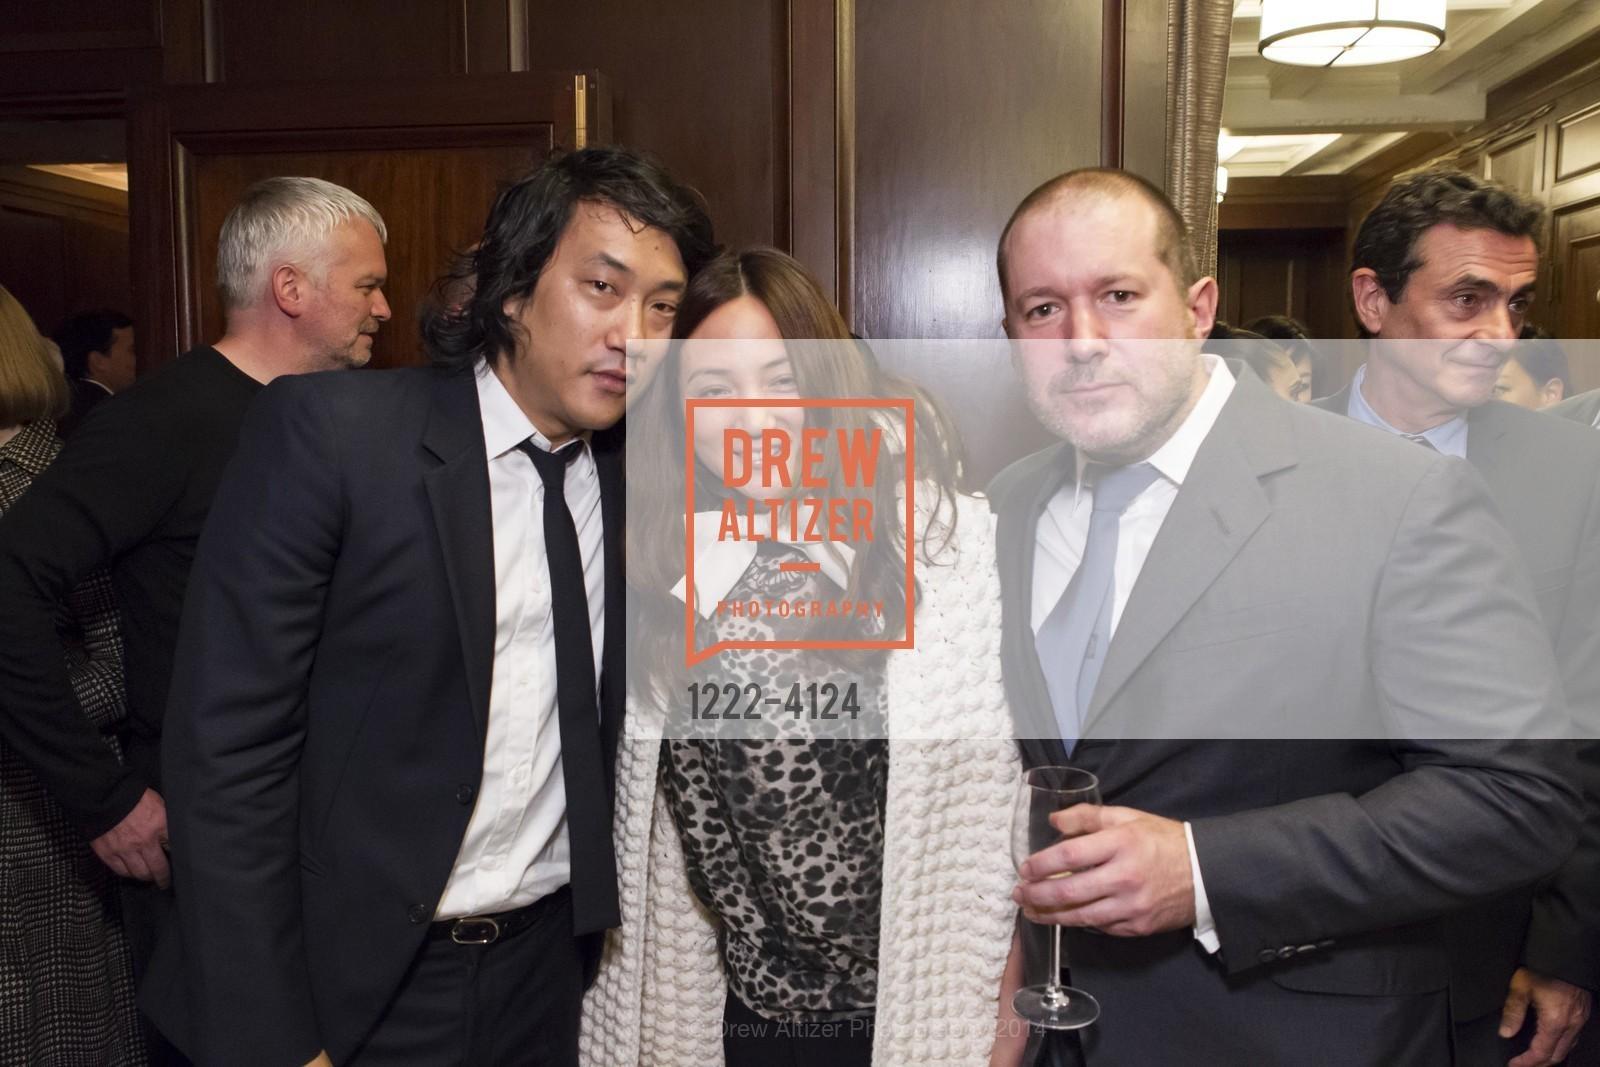 Eugene Hwang, Makiko Fujikawa, Jony Ive, Photo #1222-4124